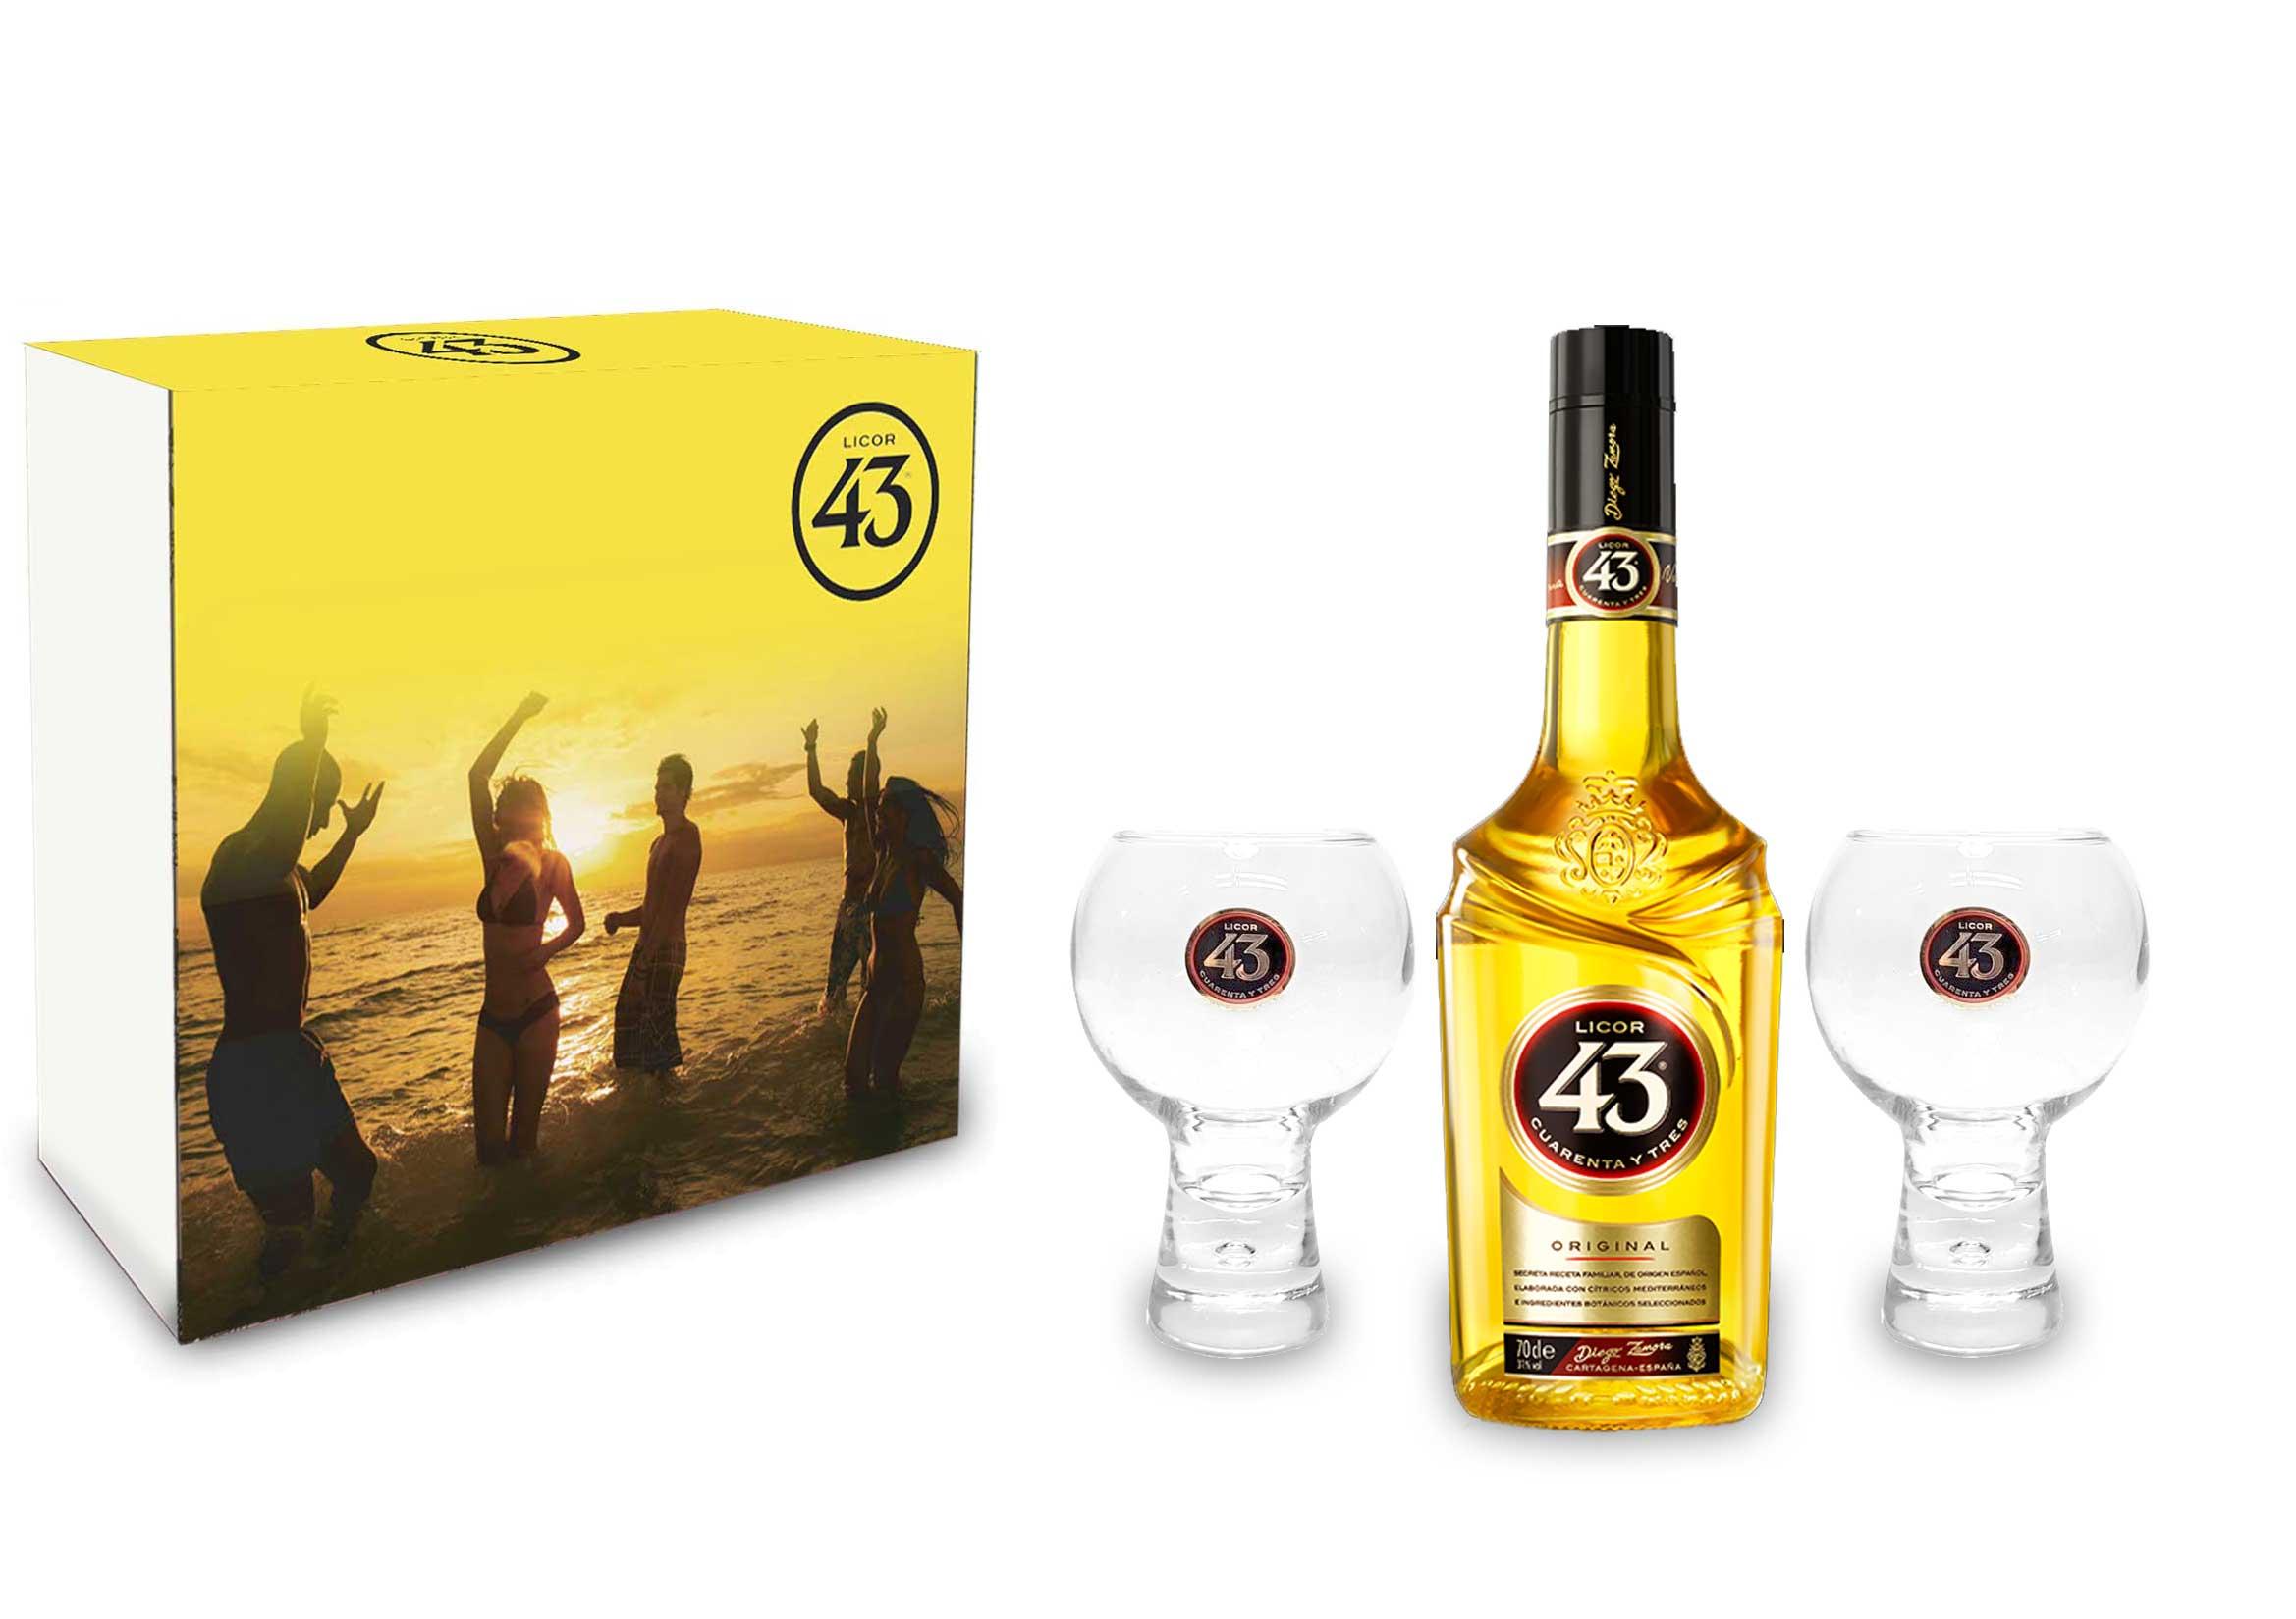 Licor 43 Schuber Geschenkbox Set / Geschenkset - Licor 43 Liqueur 0,7L (31% Vol) + 2x Gläser Likör Liquor 43er